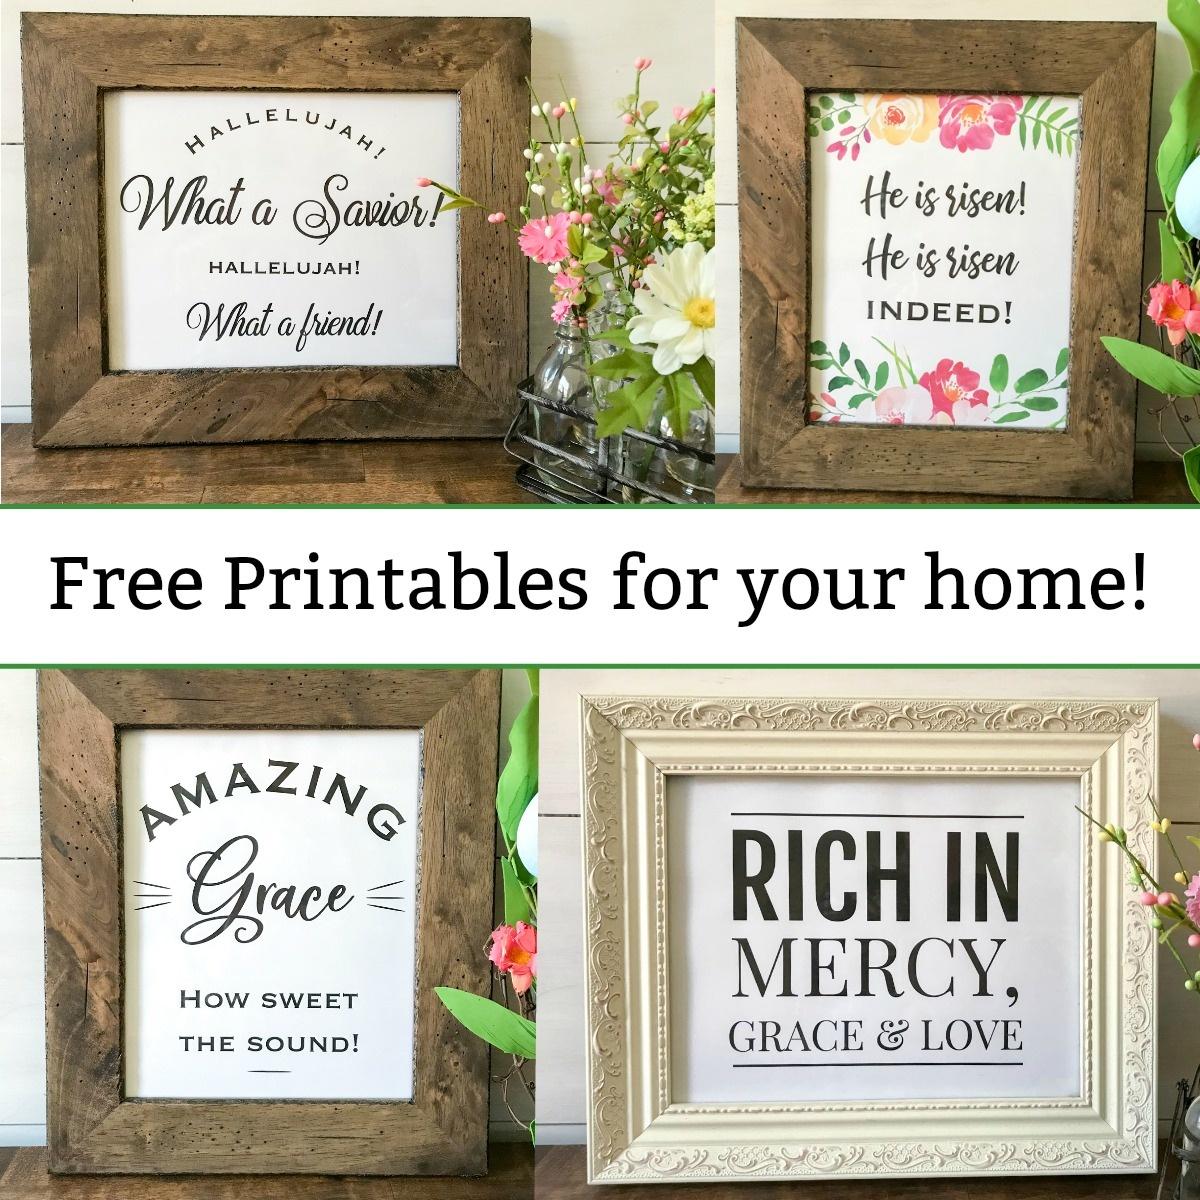 Free Printables Christian Wall Art - Spring And Easter Decor - Mamashire - Free Printable Christian Art